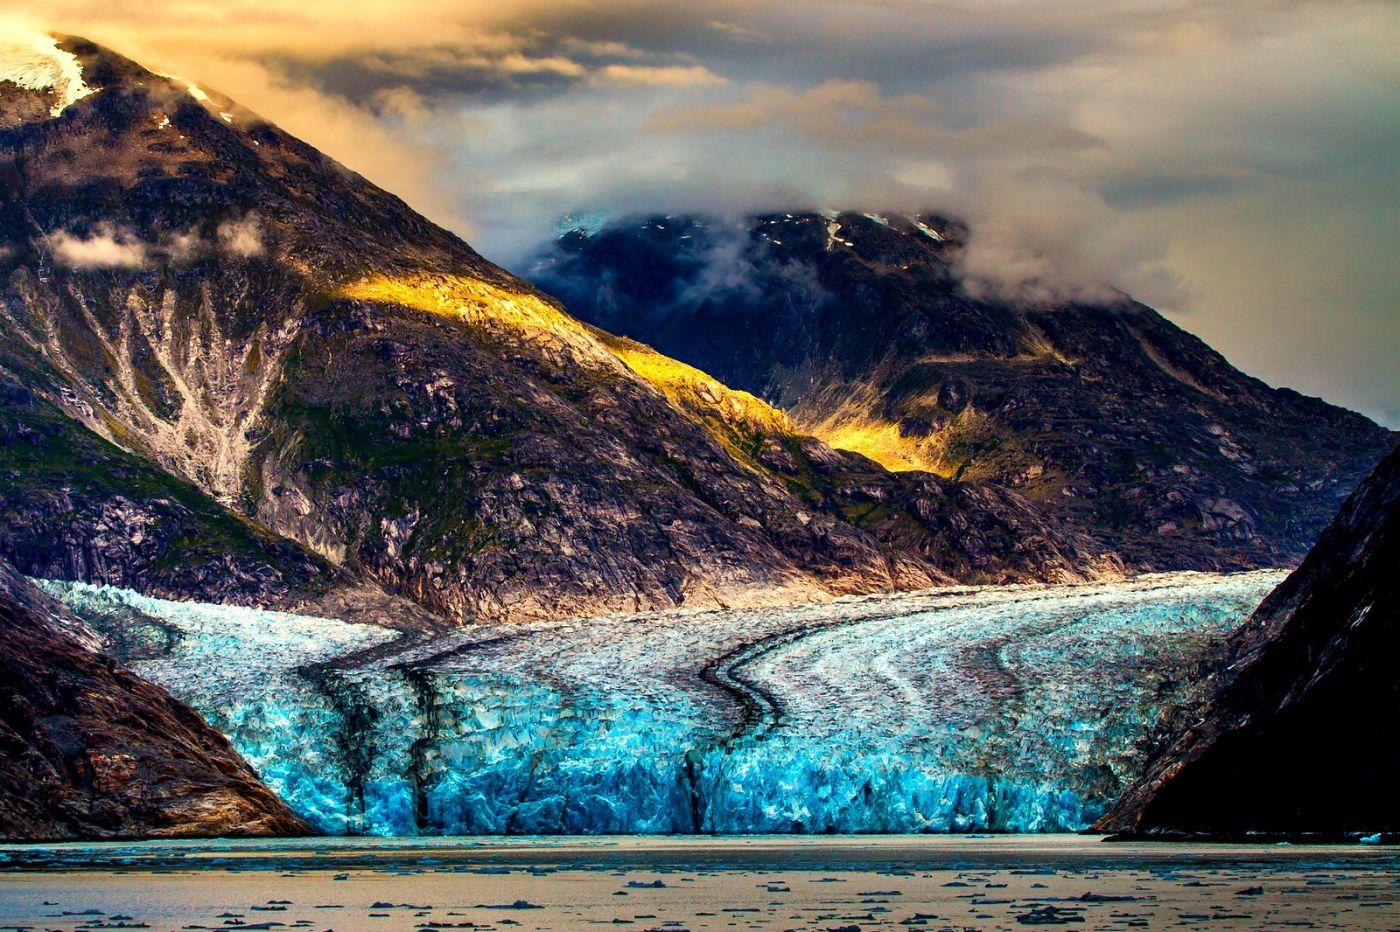 阿拉斯加,冰川绿山大游船_图1-38